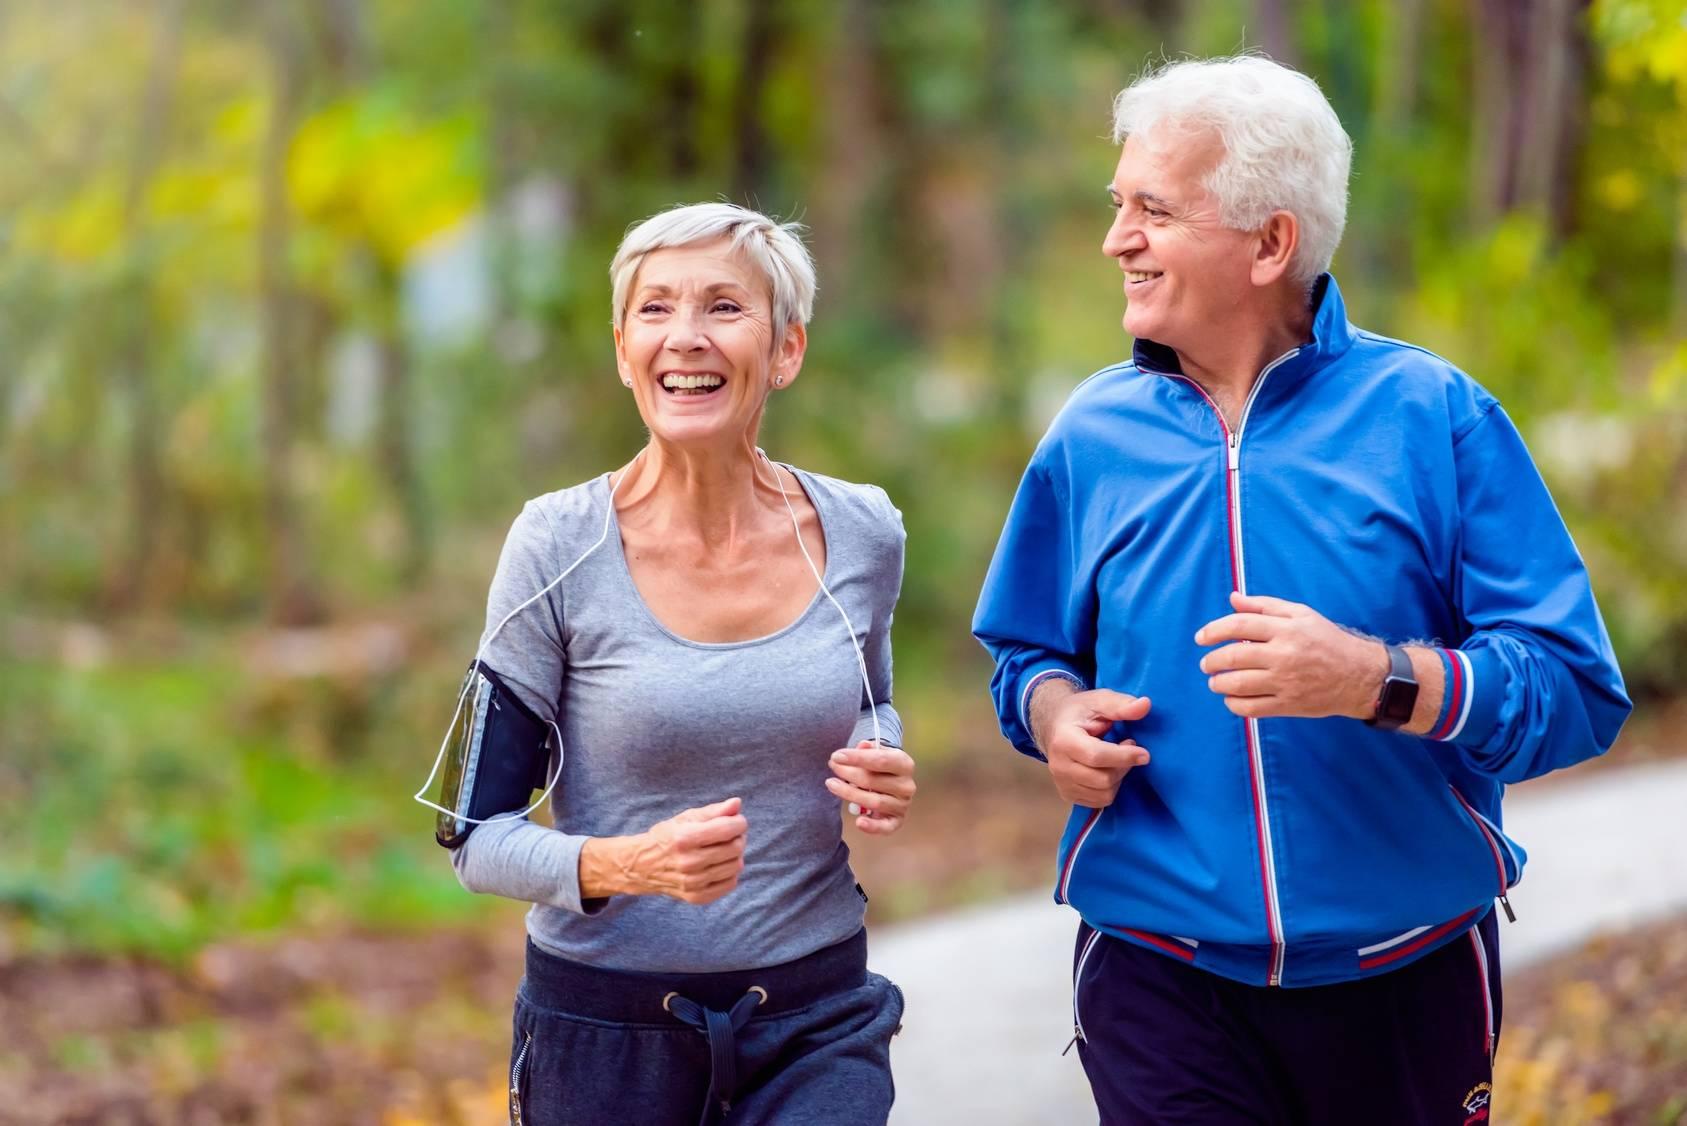 Suplementy wapnia - czy mogą zapobiec osteoporozie? A może są niebezpieczne dla zdrowia?